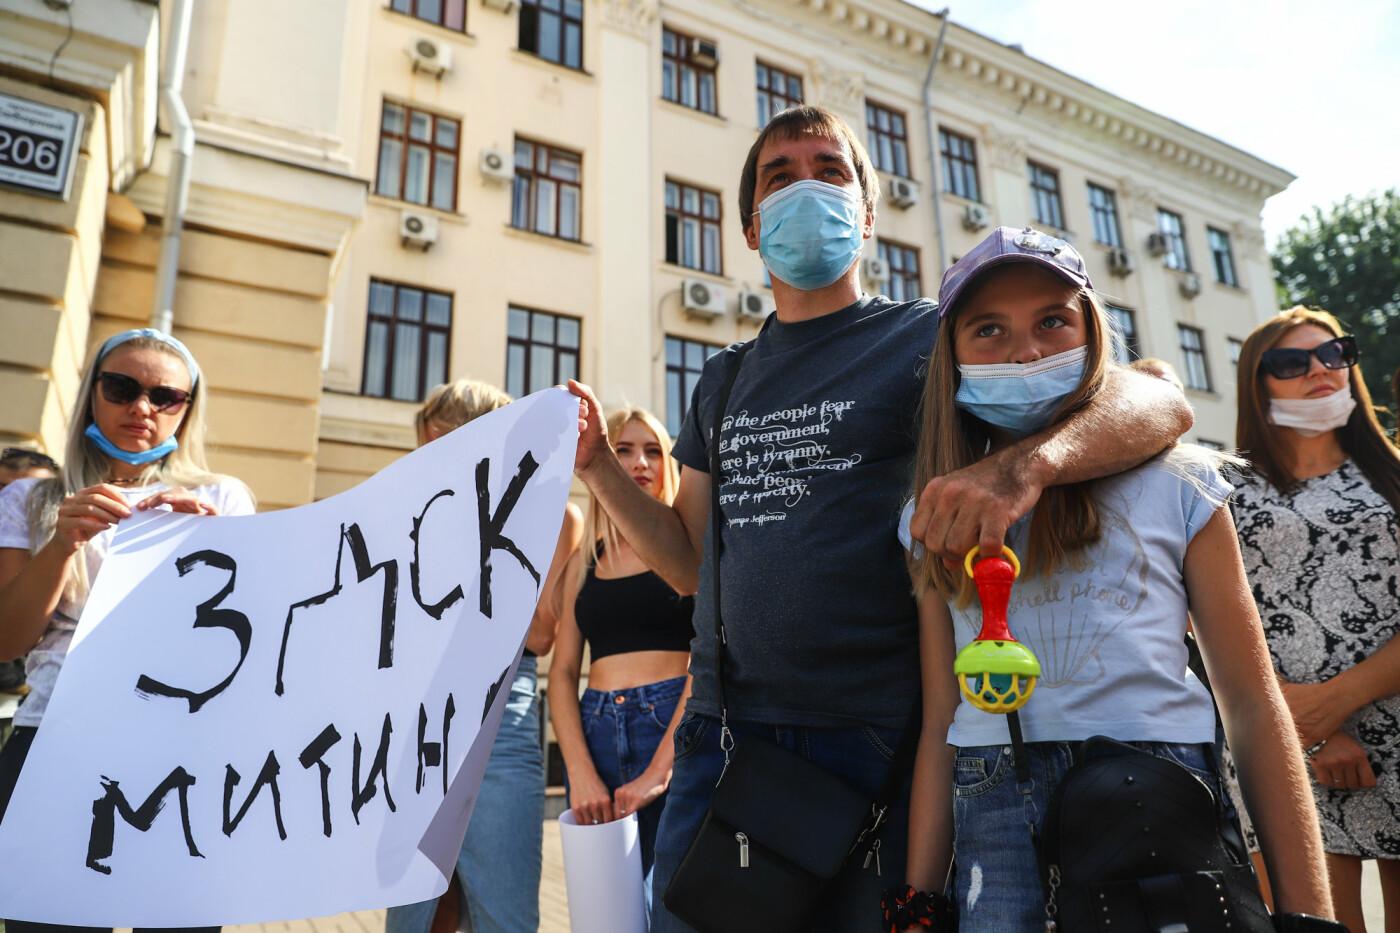 «Я выплачиваю кредит за воздух»: жильцы недостроенных многоэтажек вышли на митинг под стенами мэрии, - ФОТОРЕПОРТАЖ, фото-11